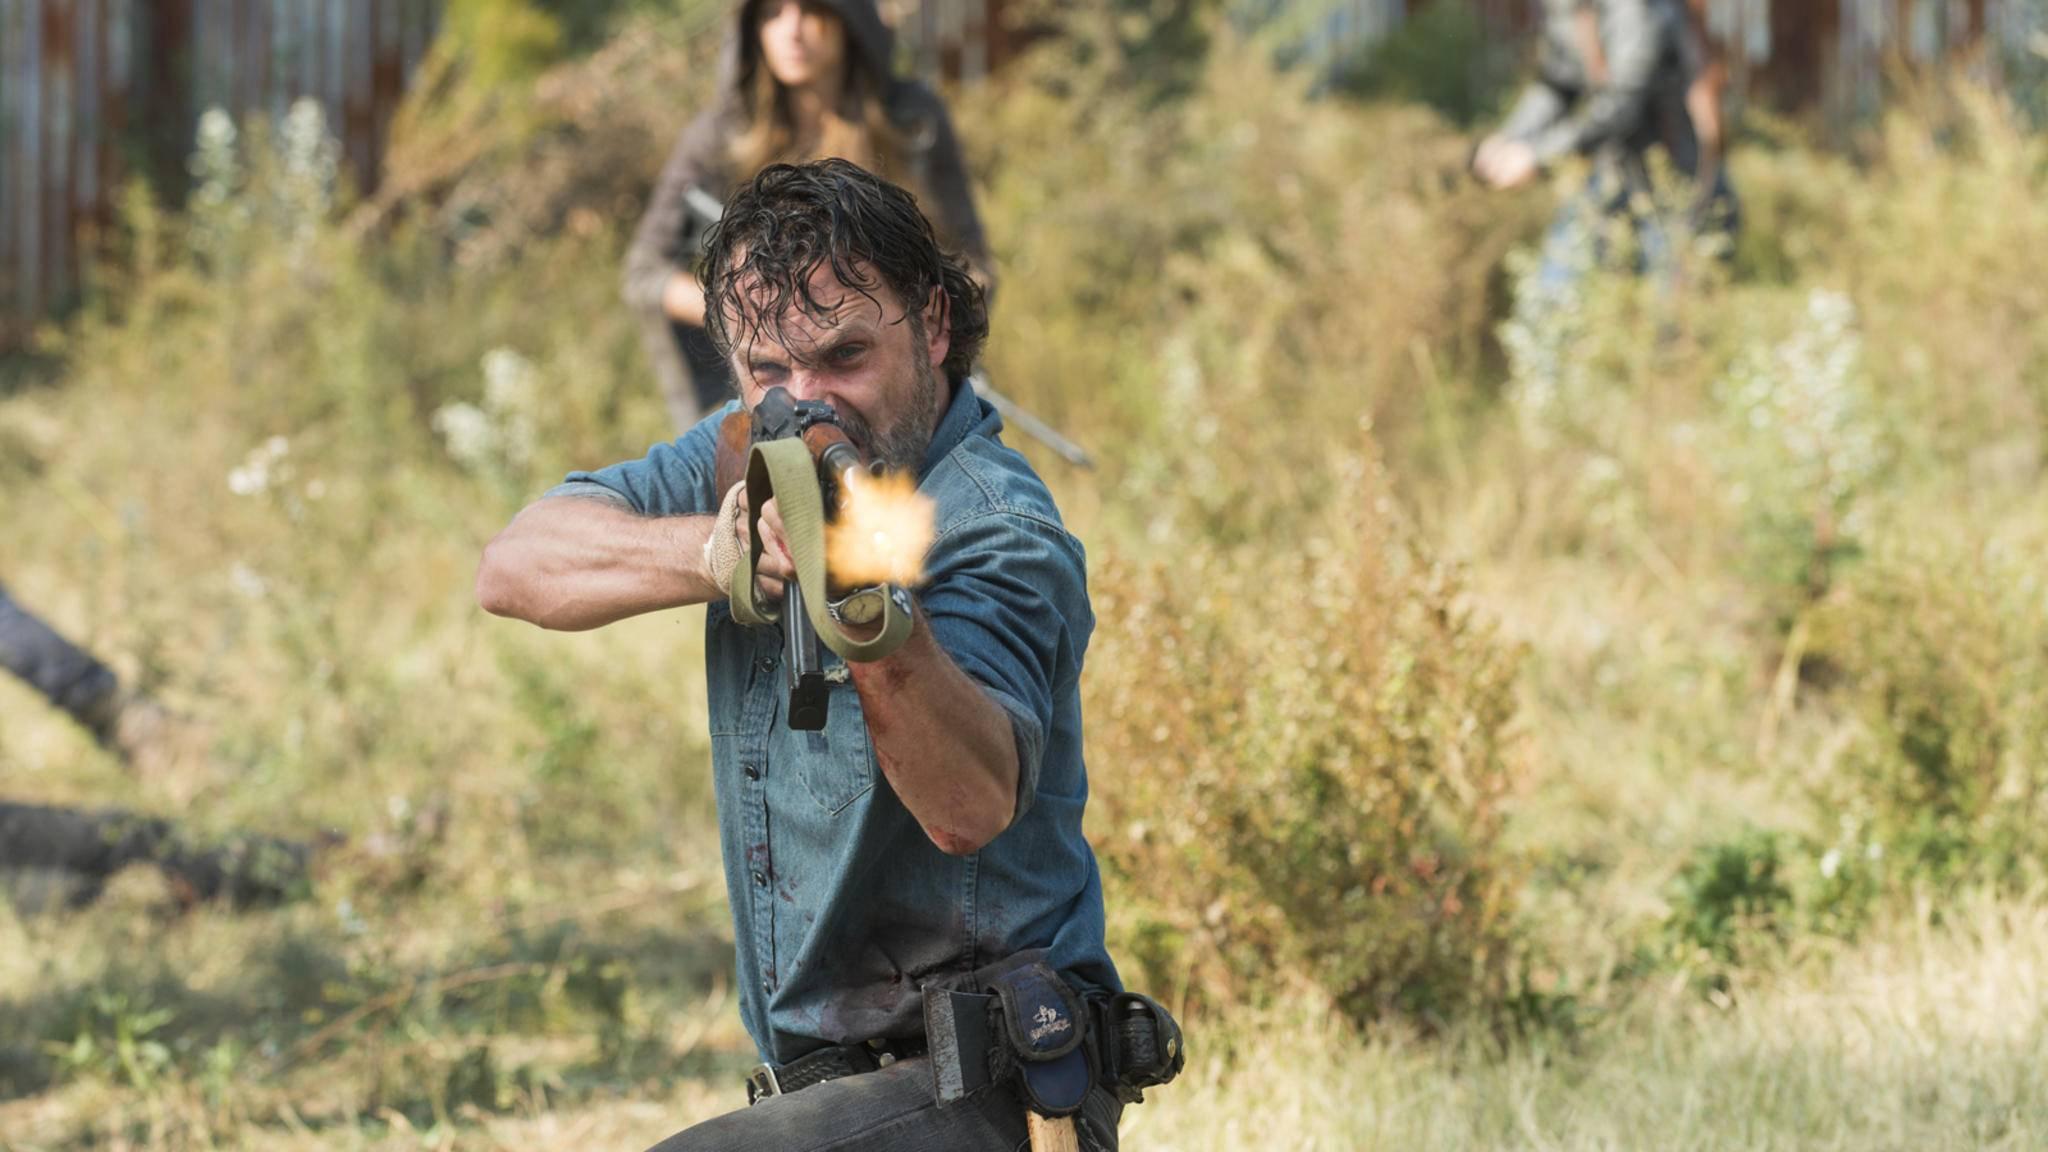 Fest entschlossen: In Staffel 8 wird Rick seinem Feind Negan zeigen, wo der Hammer hängt.